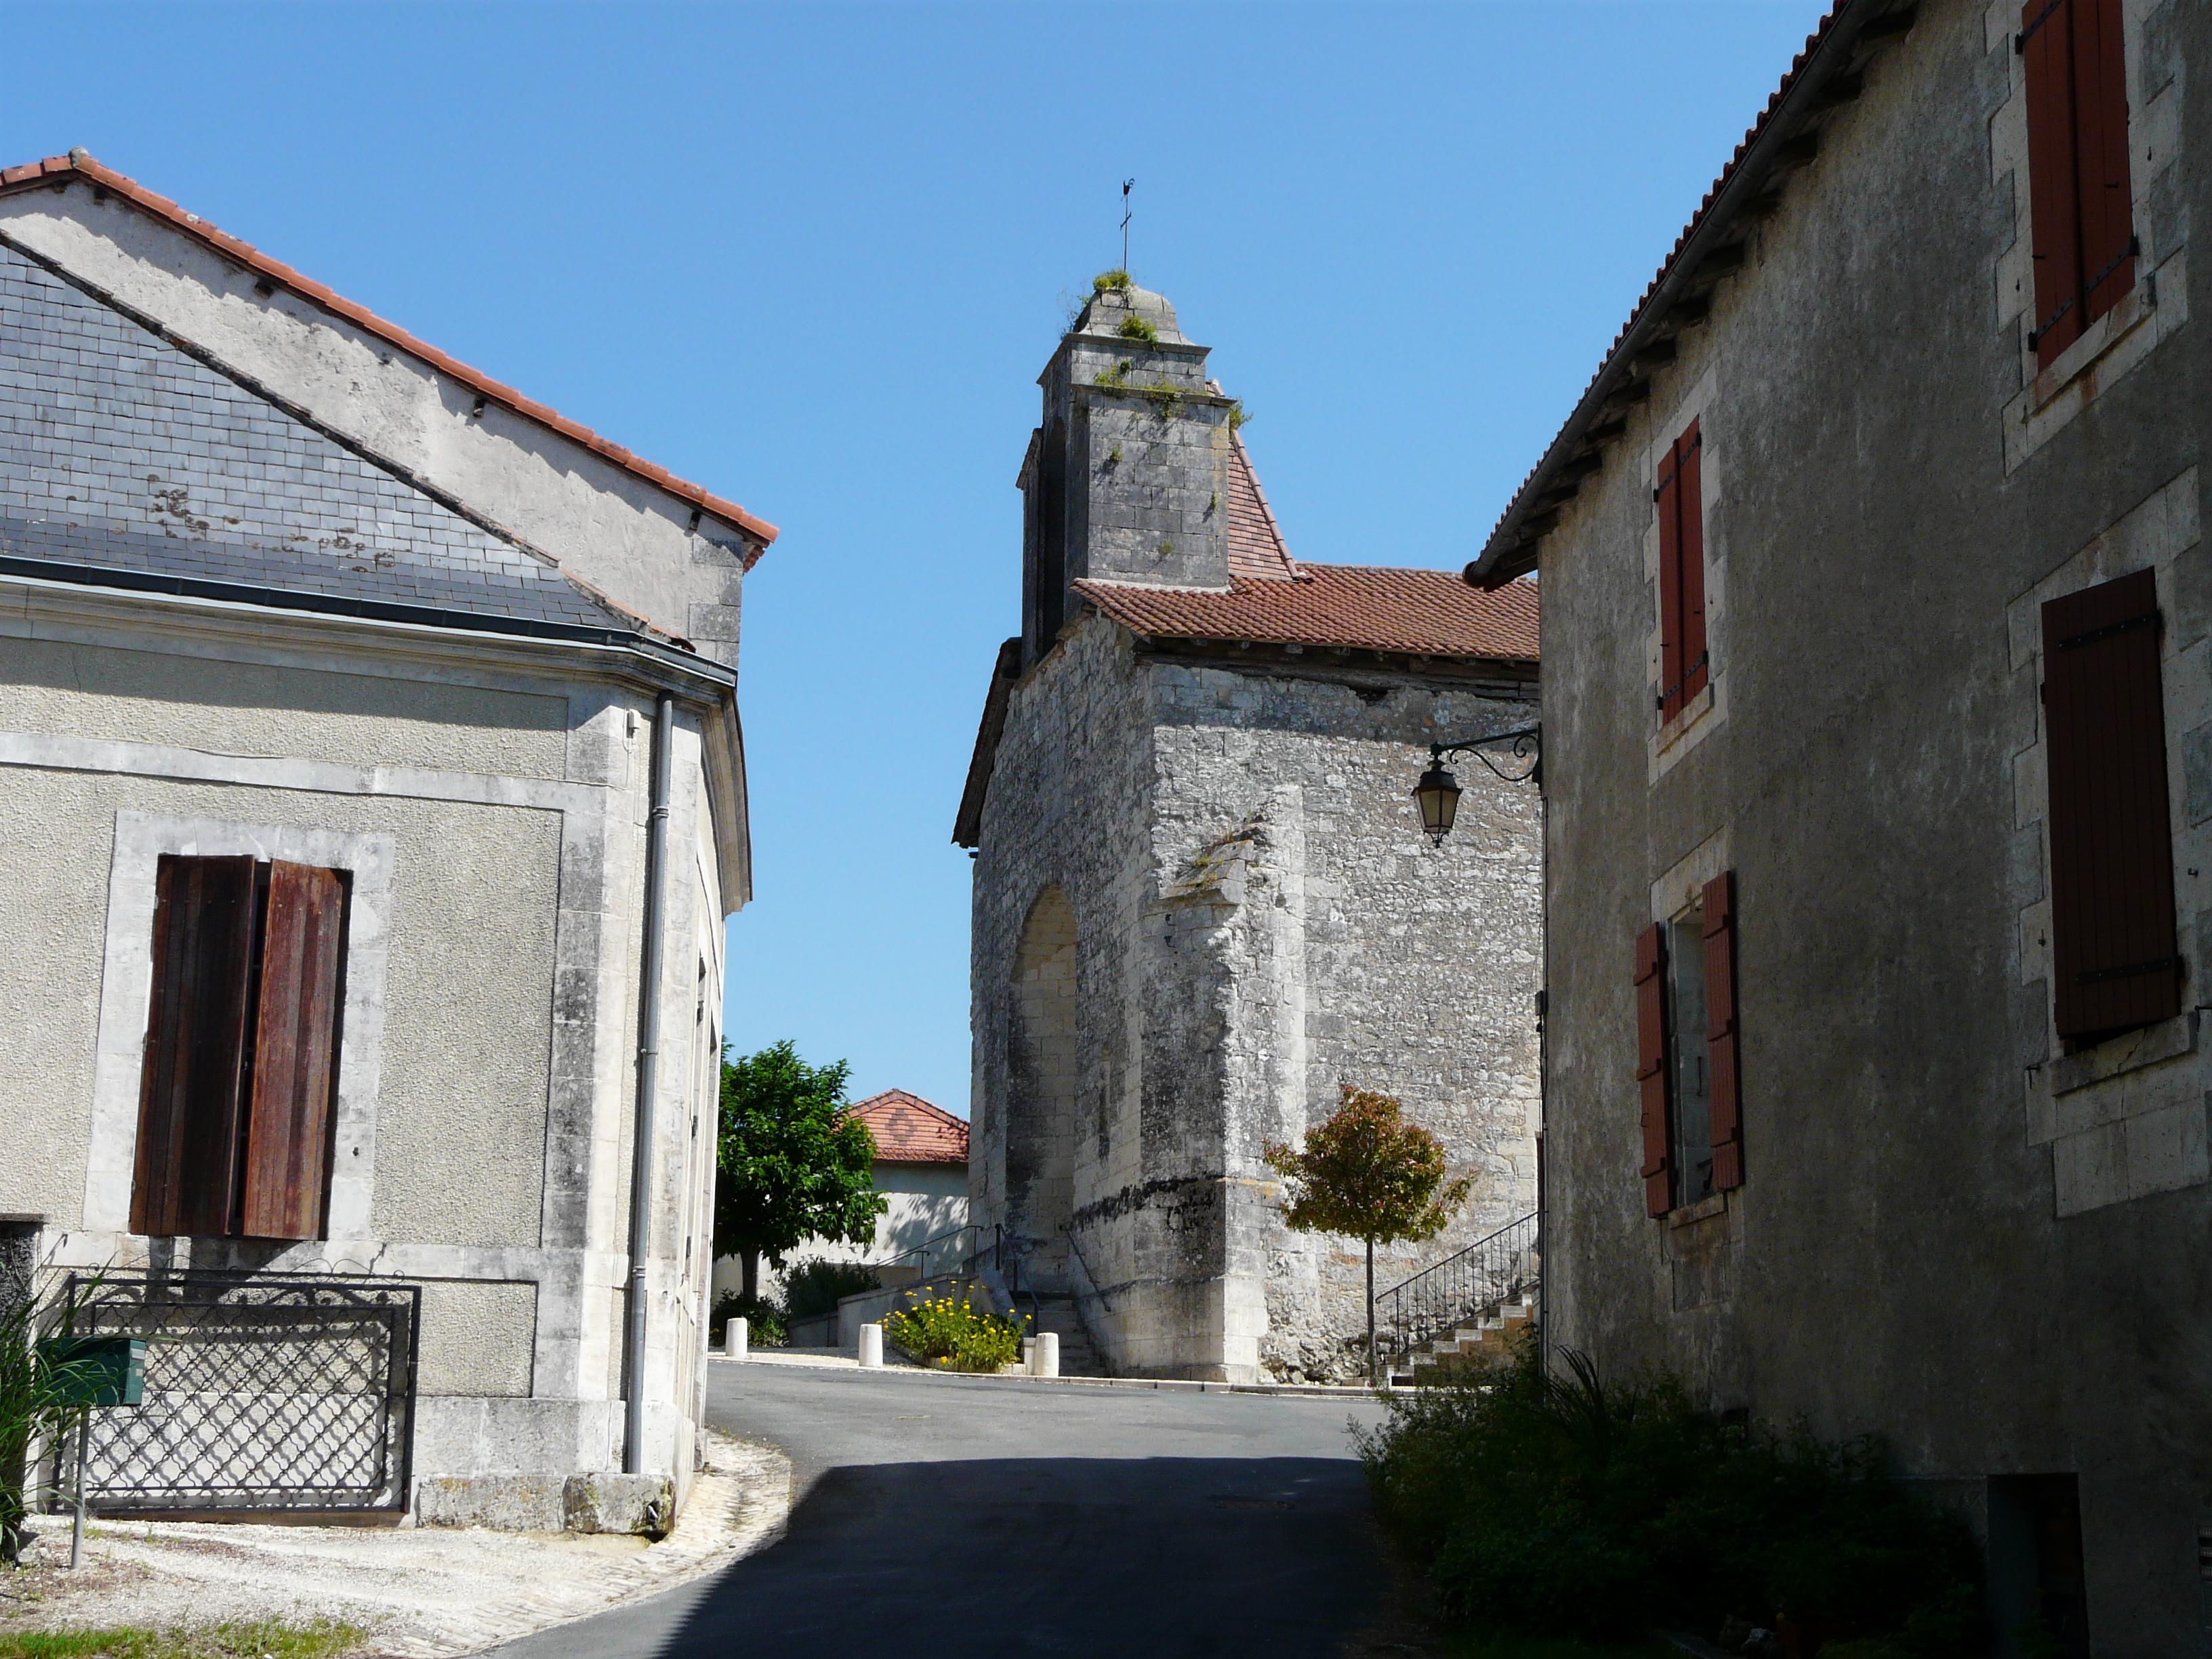 Saint-Pardoux-de-Drône